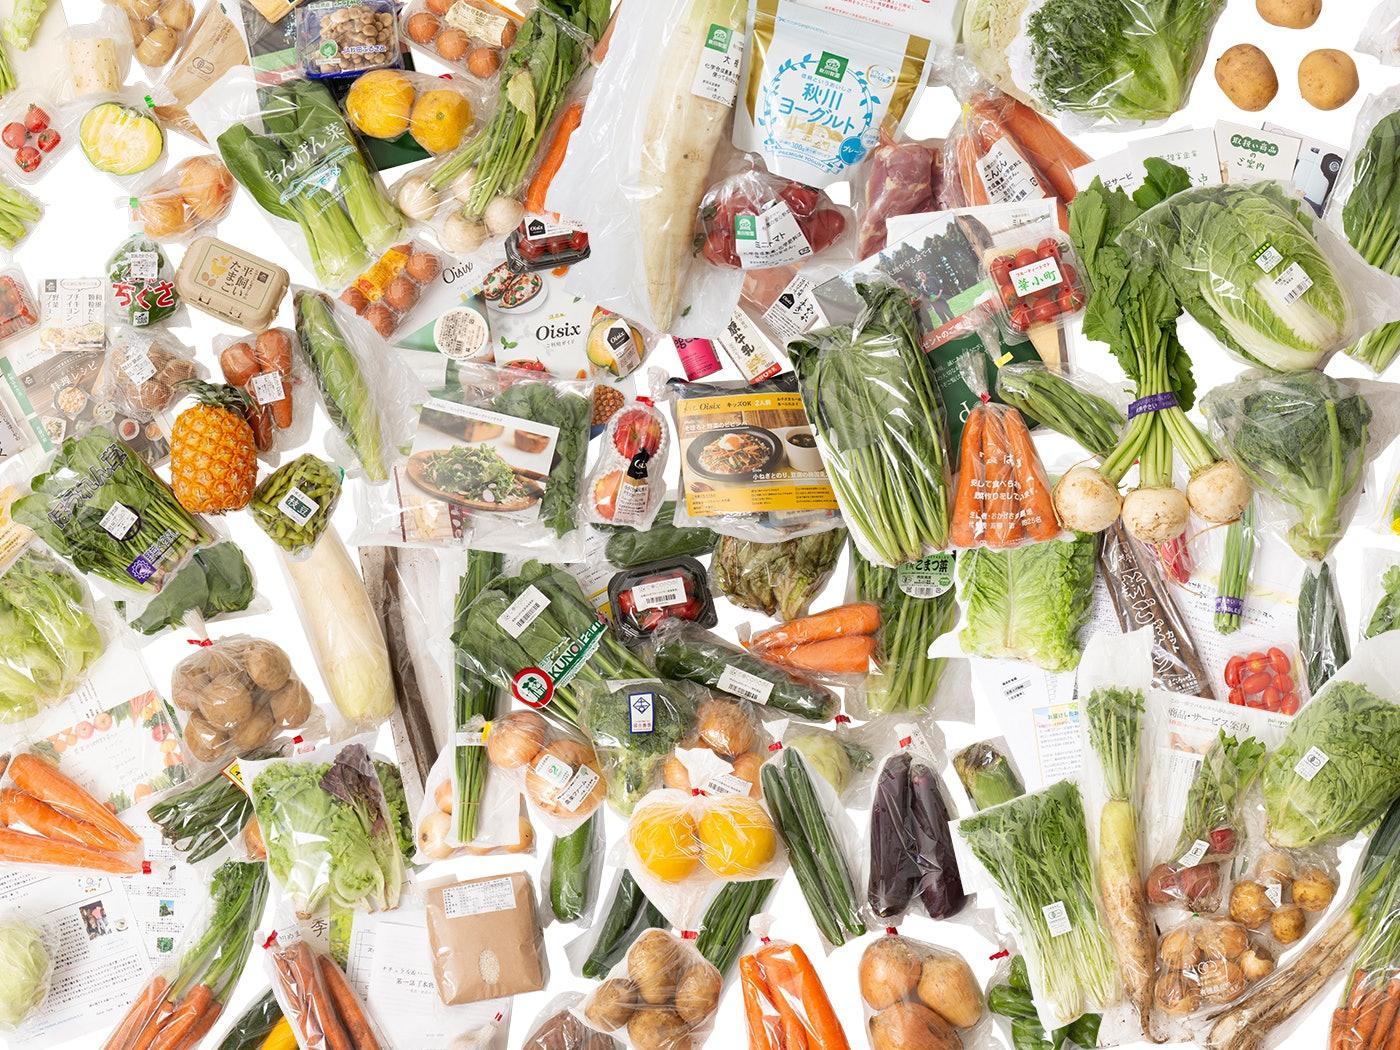 【徹底比較】野菜宅配サービスのおすすめ人気ランキング14選【ミレー・らでぃっしゅぼーや・Oisix】